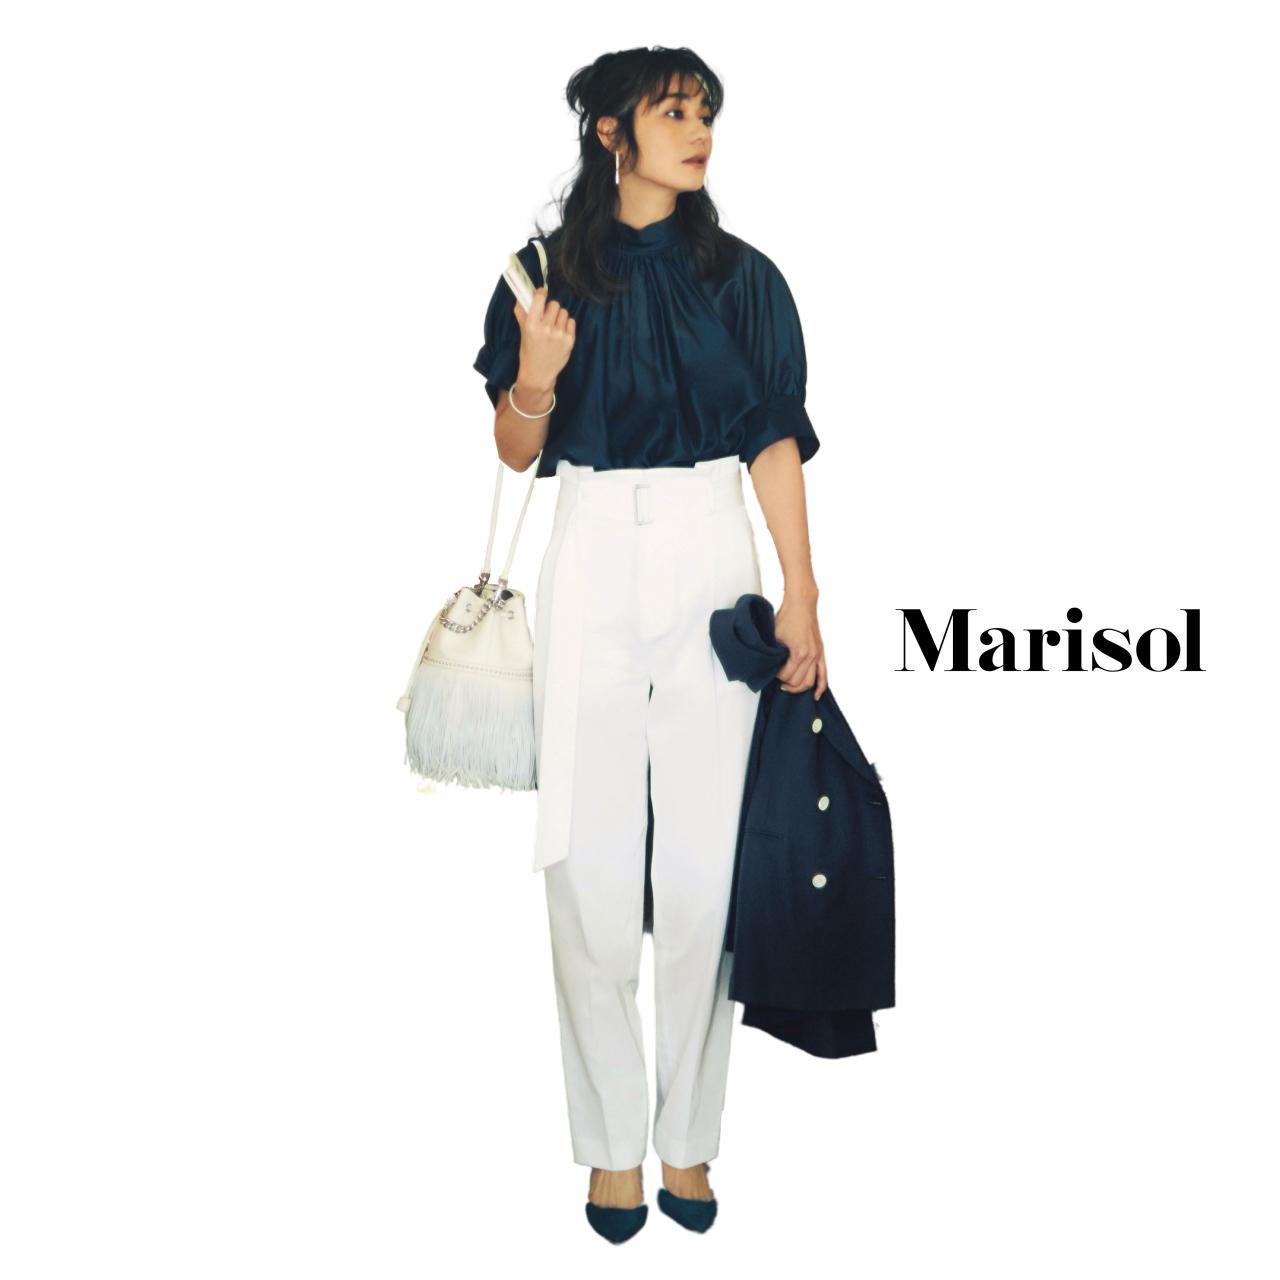 40代ファッション ネイビーブラウス×ネイビージャケット×白パンツコーデ